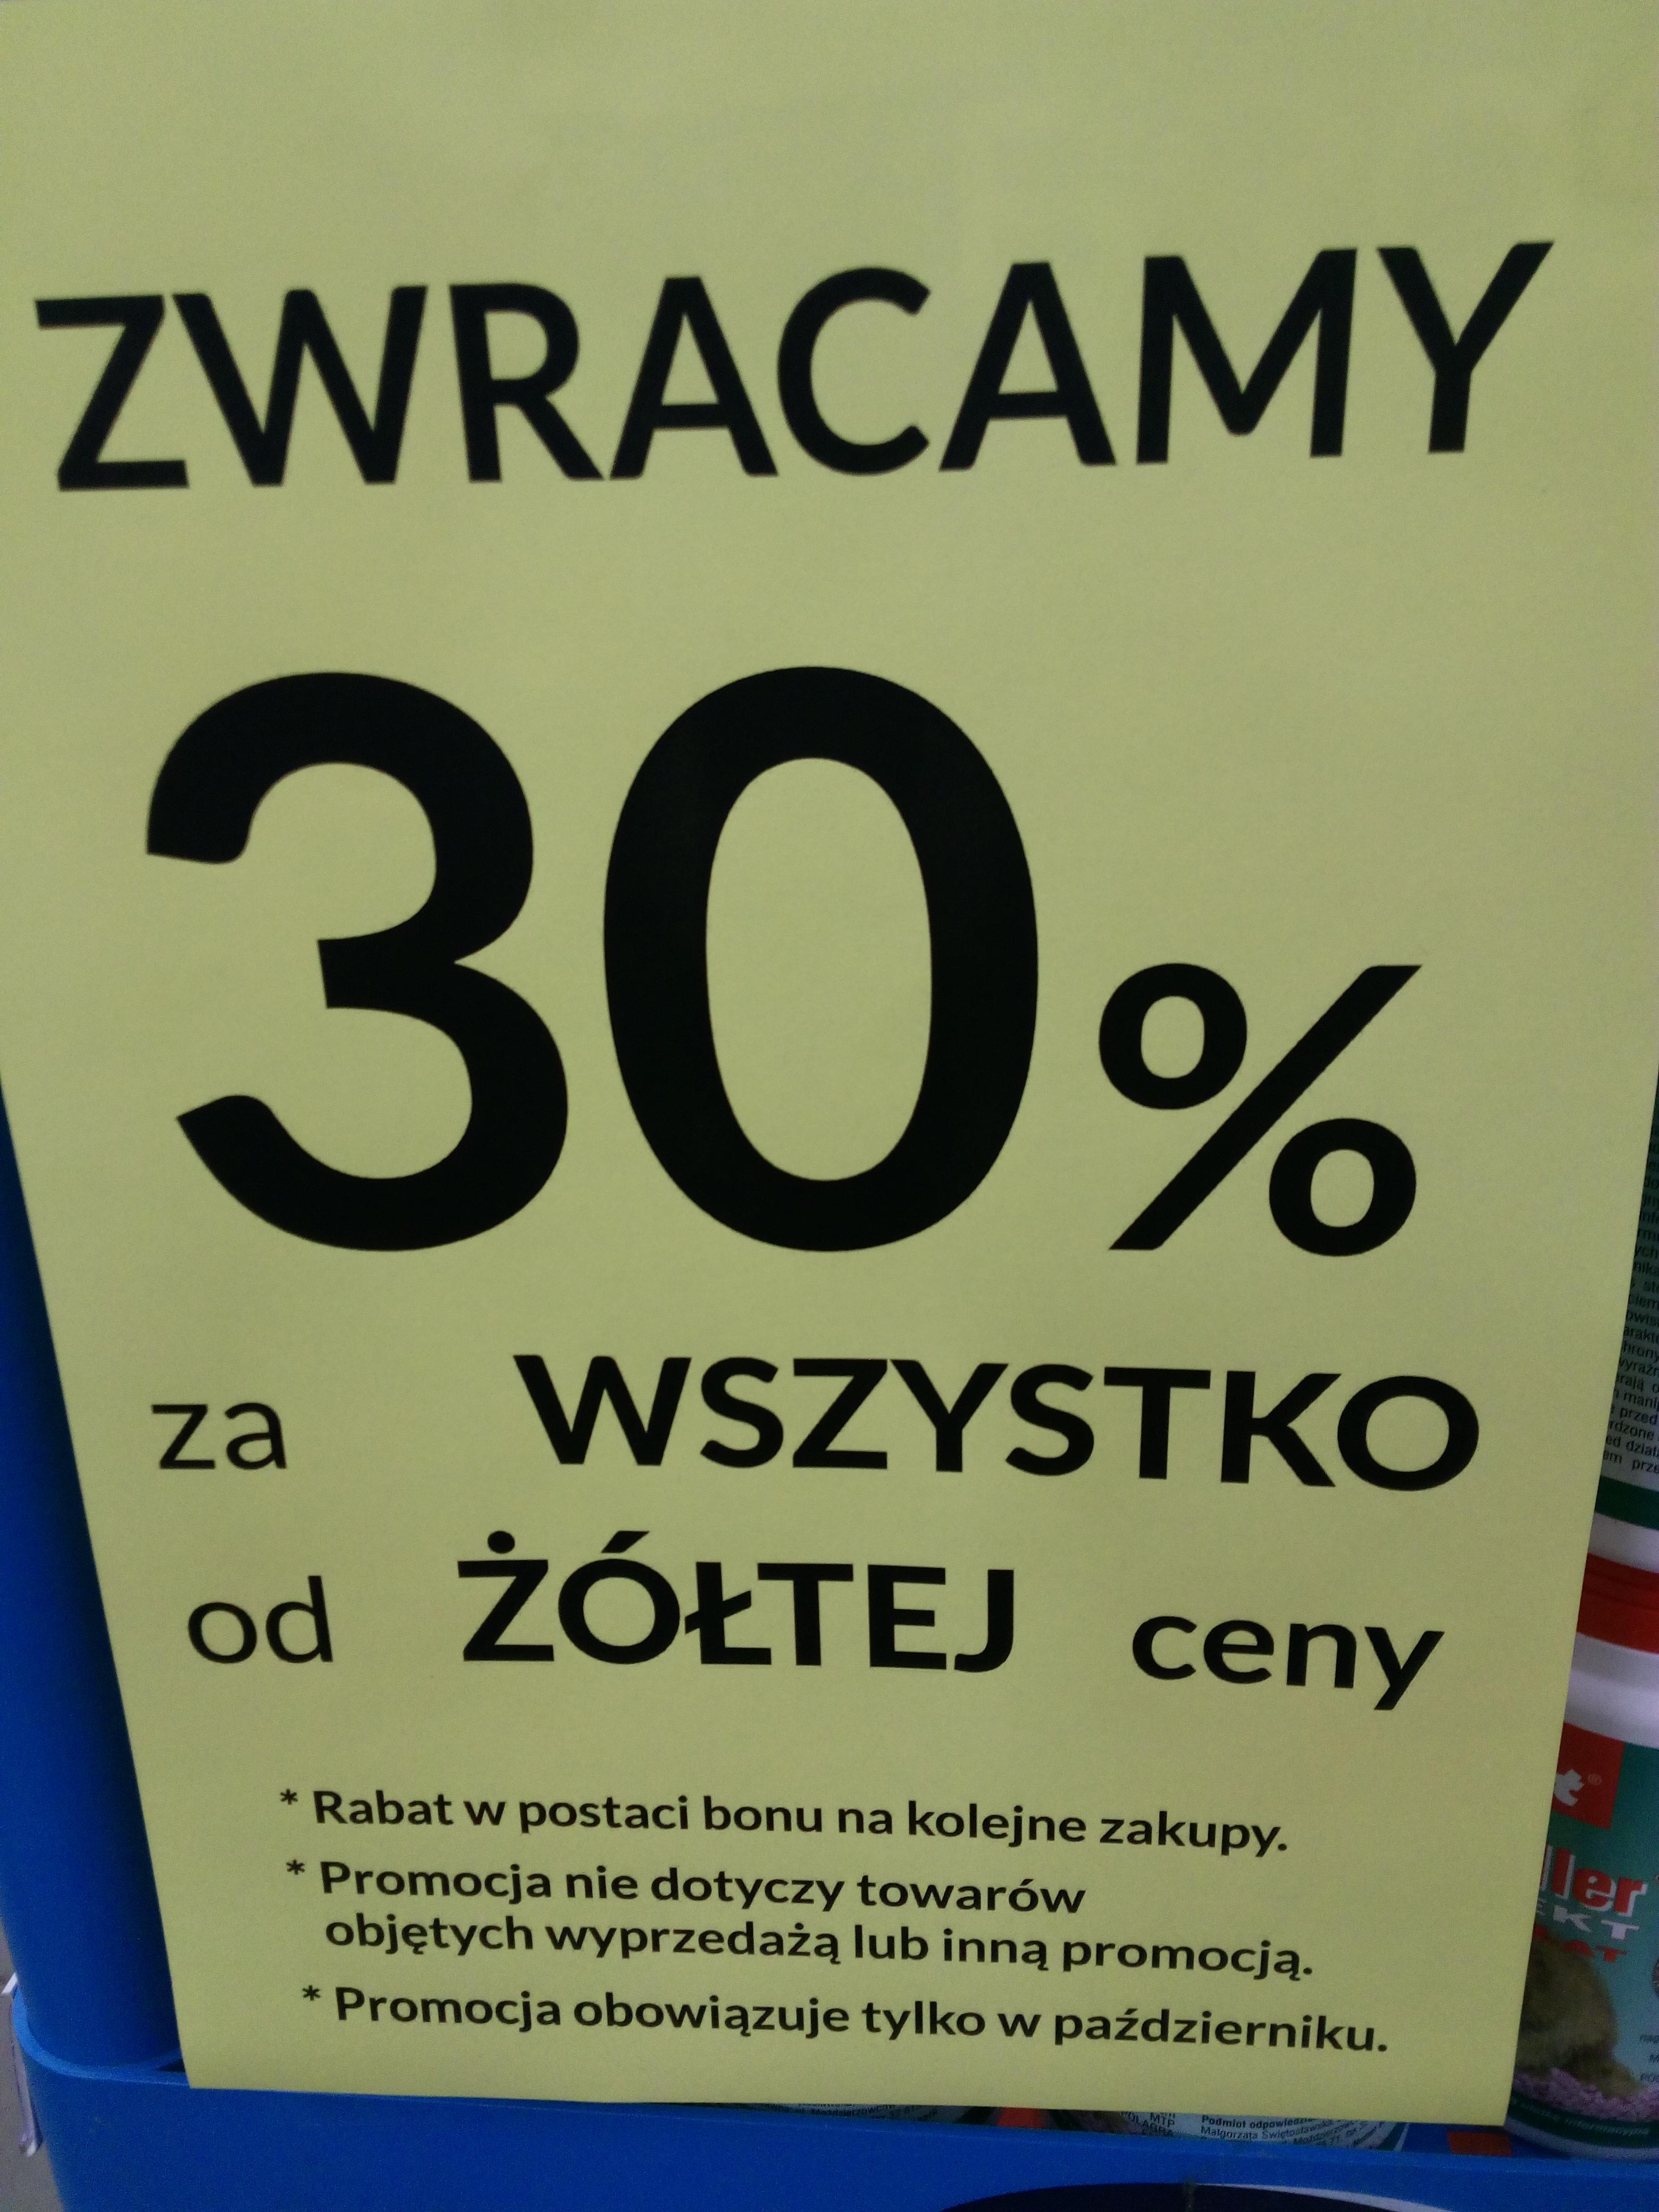 MAJSTER  w Rzeszów / Bełchatów  / Mielec zwraca 30% w bonach